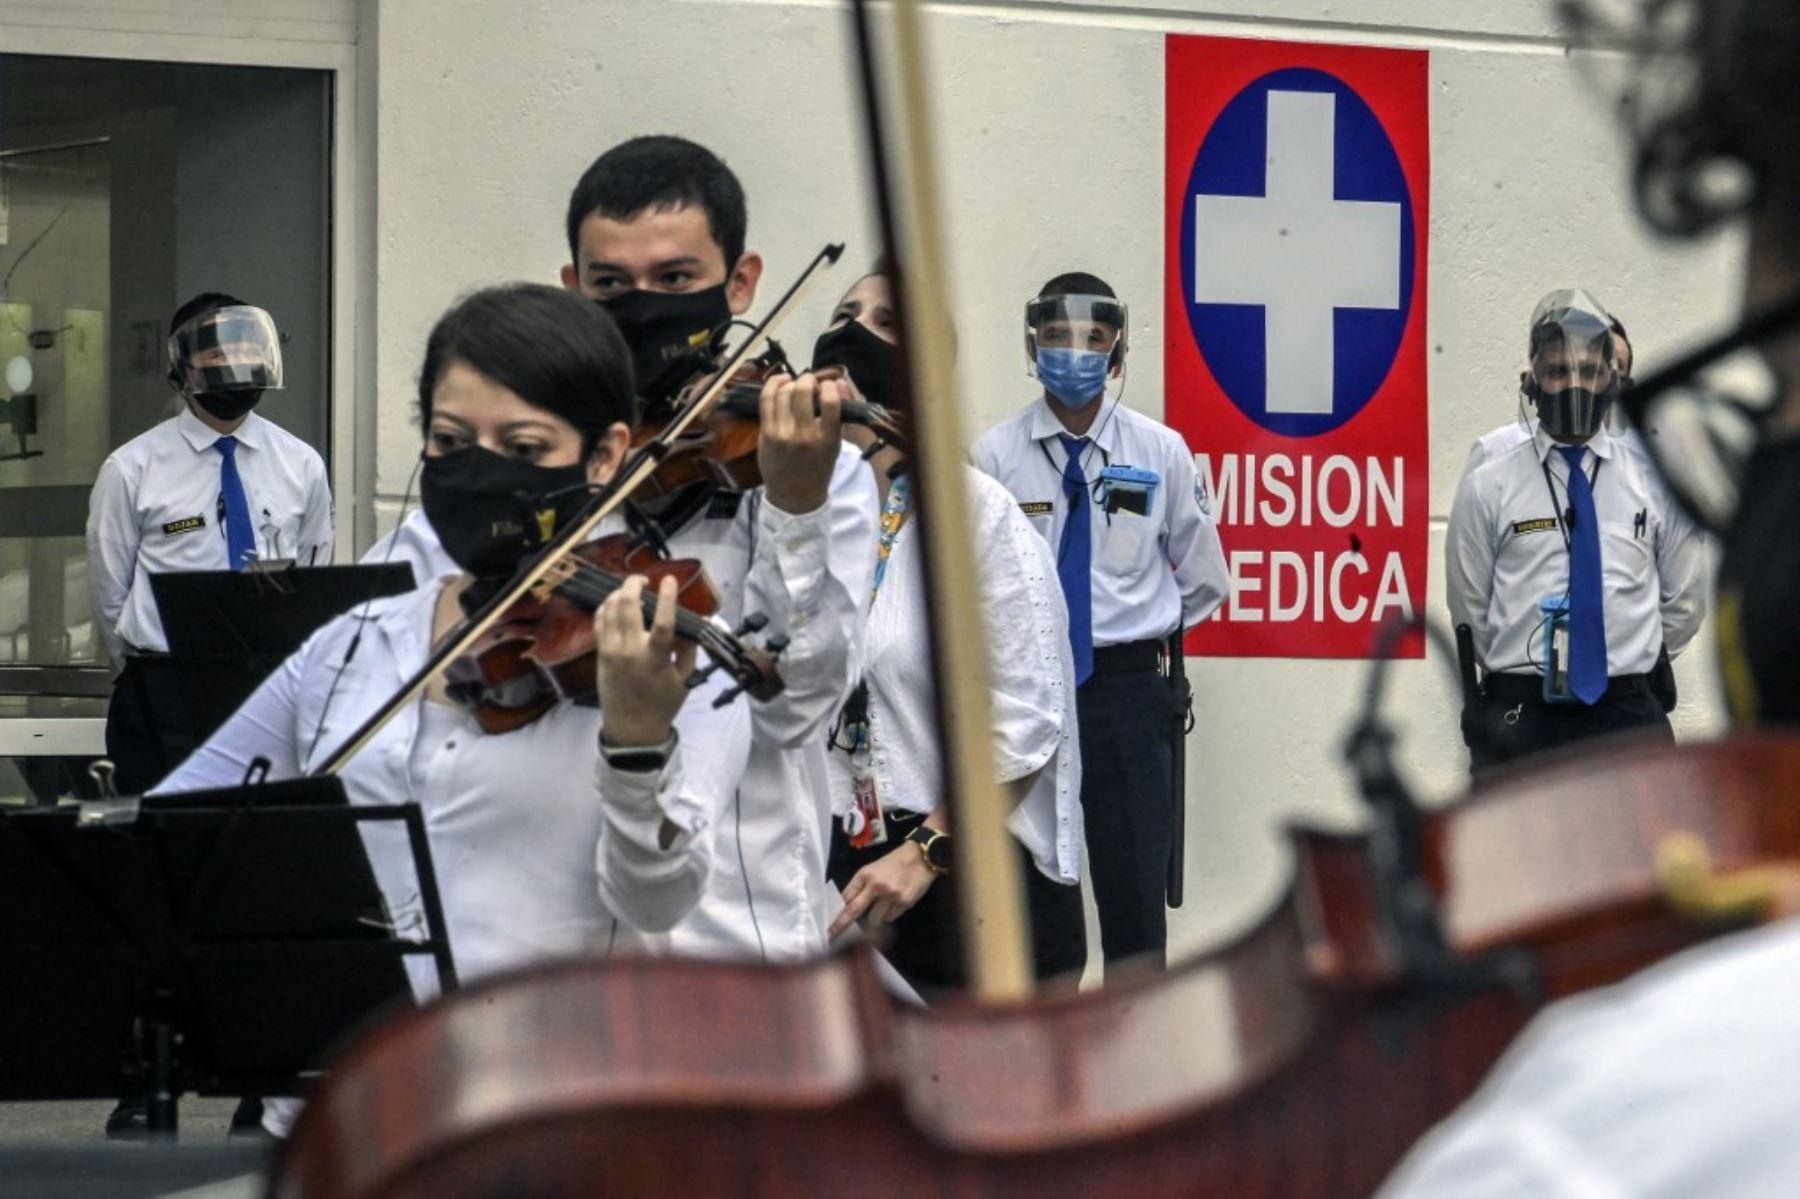 Trabajadores de la salud, pacientes y familiares miran a músicos de la Orquesta Filarmónica de Medellín tocando frente a un hospital, en medio de la pandemia covid-19, en Medellín. Foto: AFP